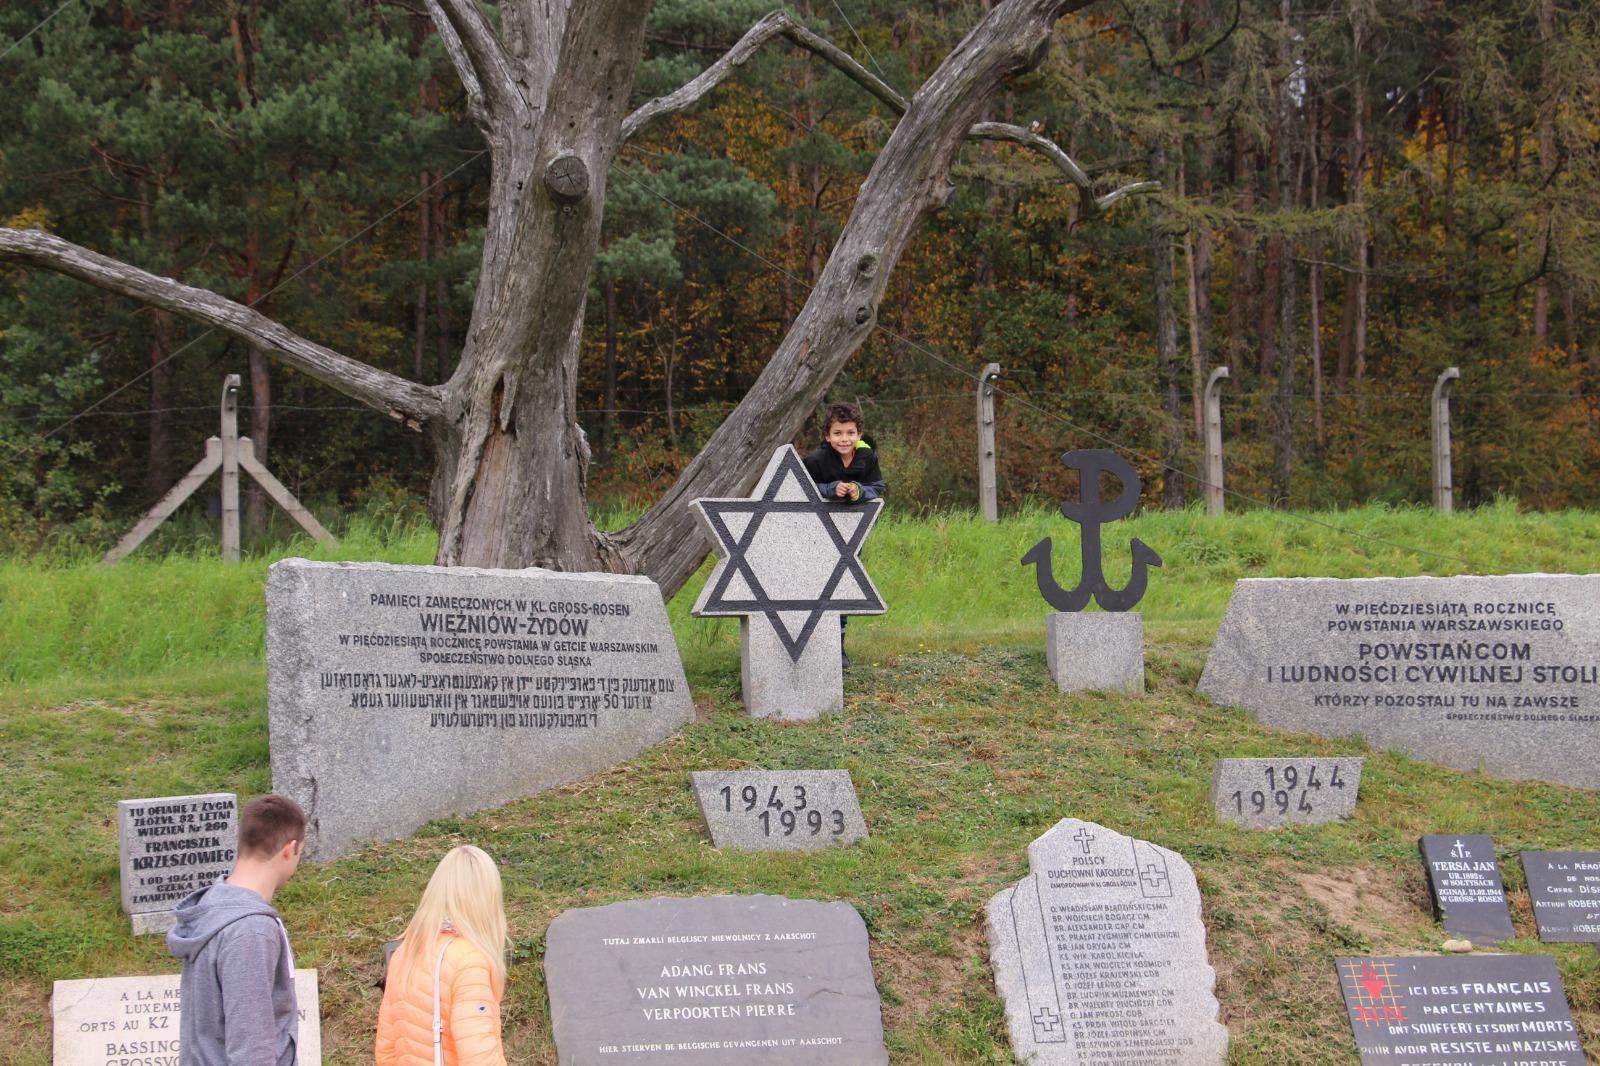 پسر بچهای که به یادمان کشتهشدگان تکیه داده است؛ گراس روزن، سیلیزیای جنوبی، لهستان